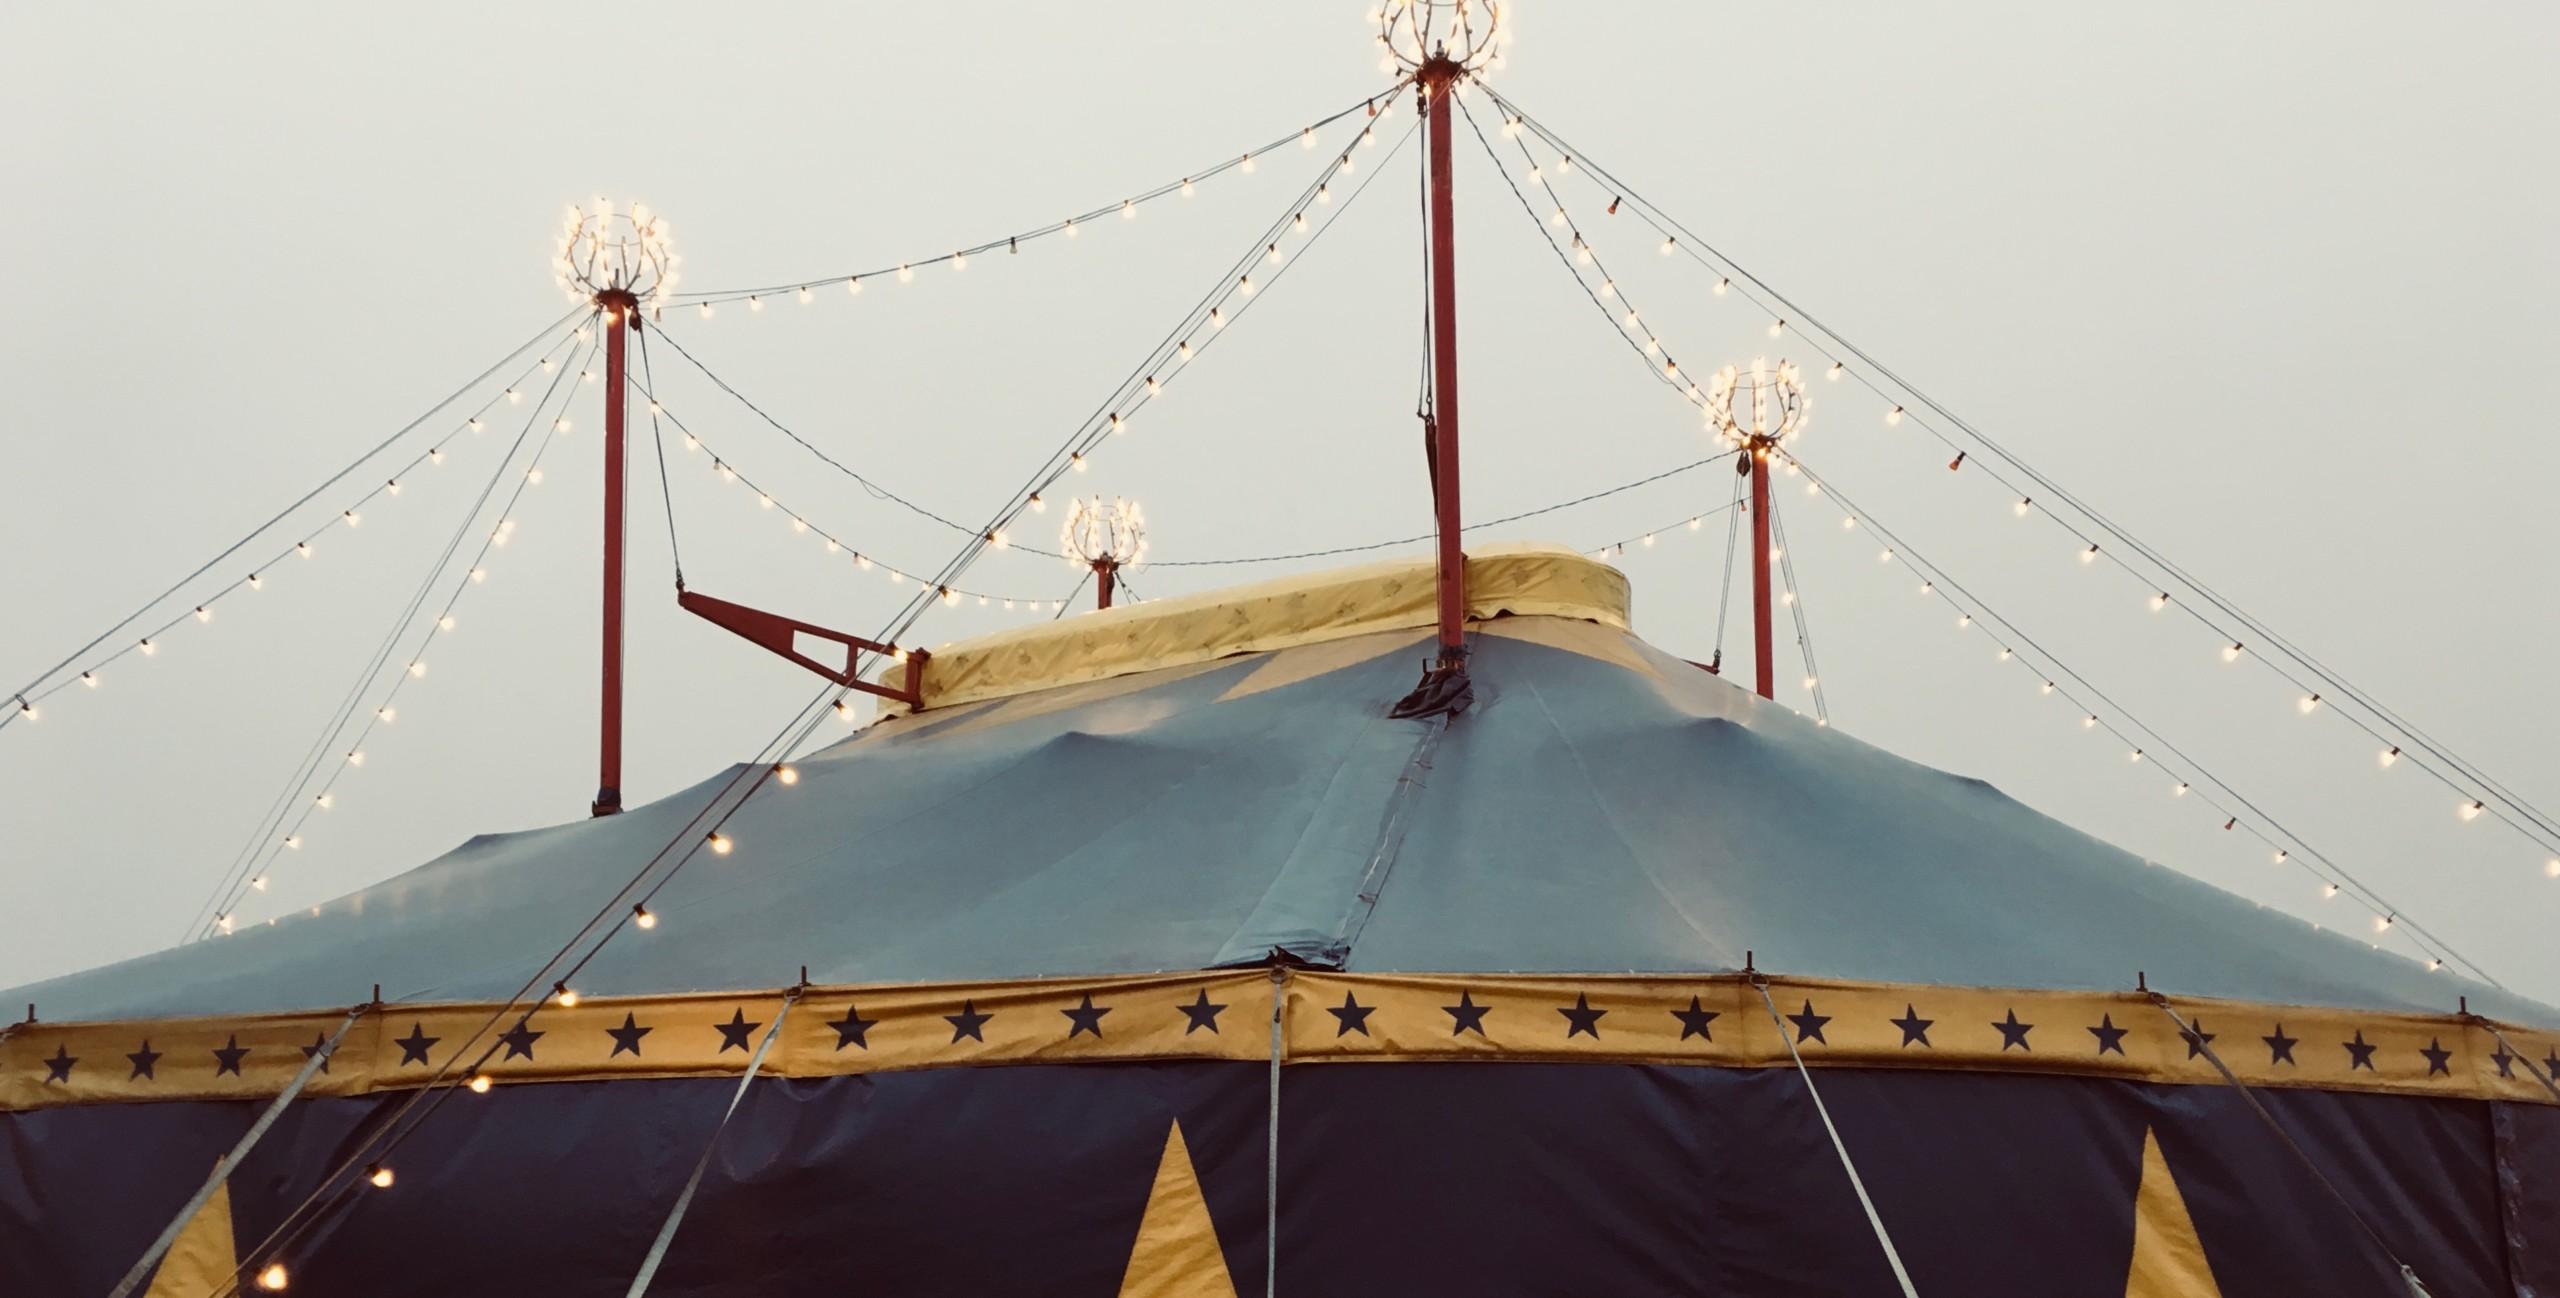 Zirkus Weissheit